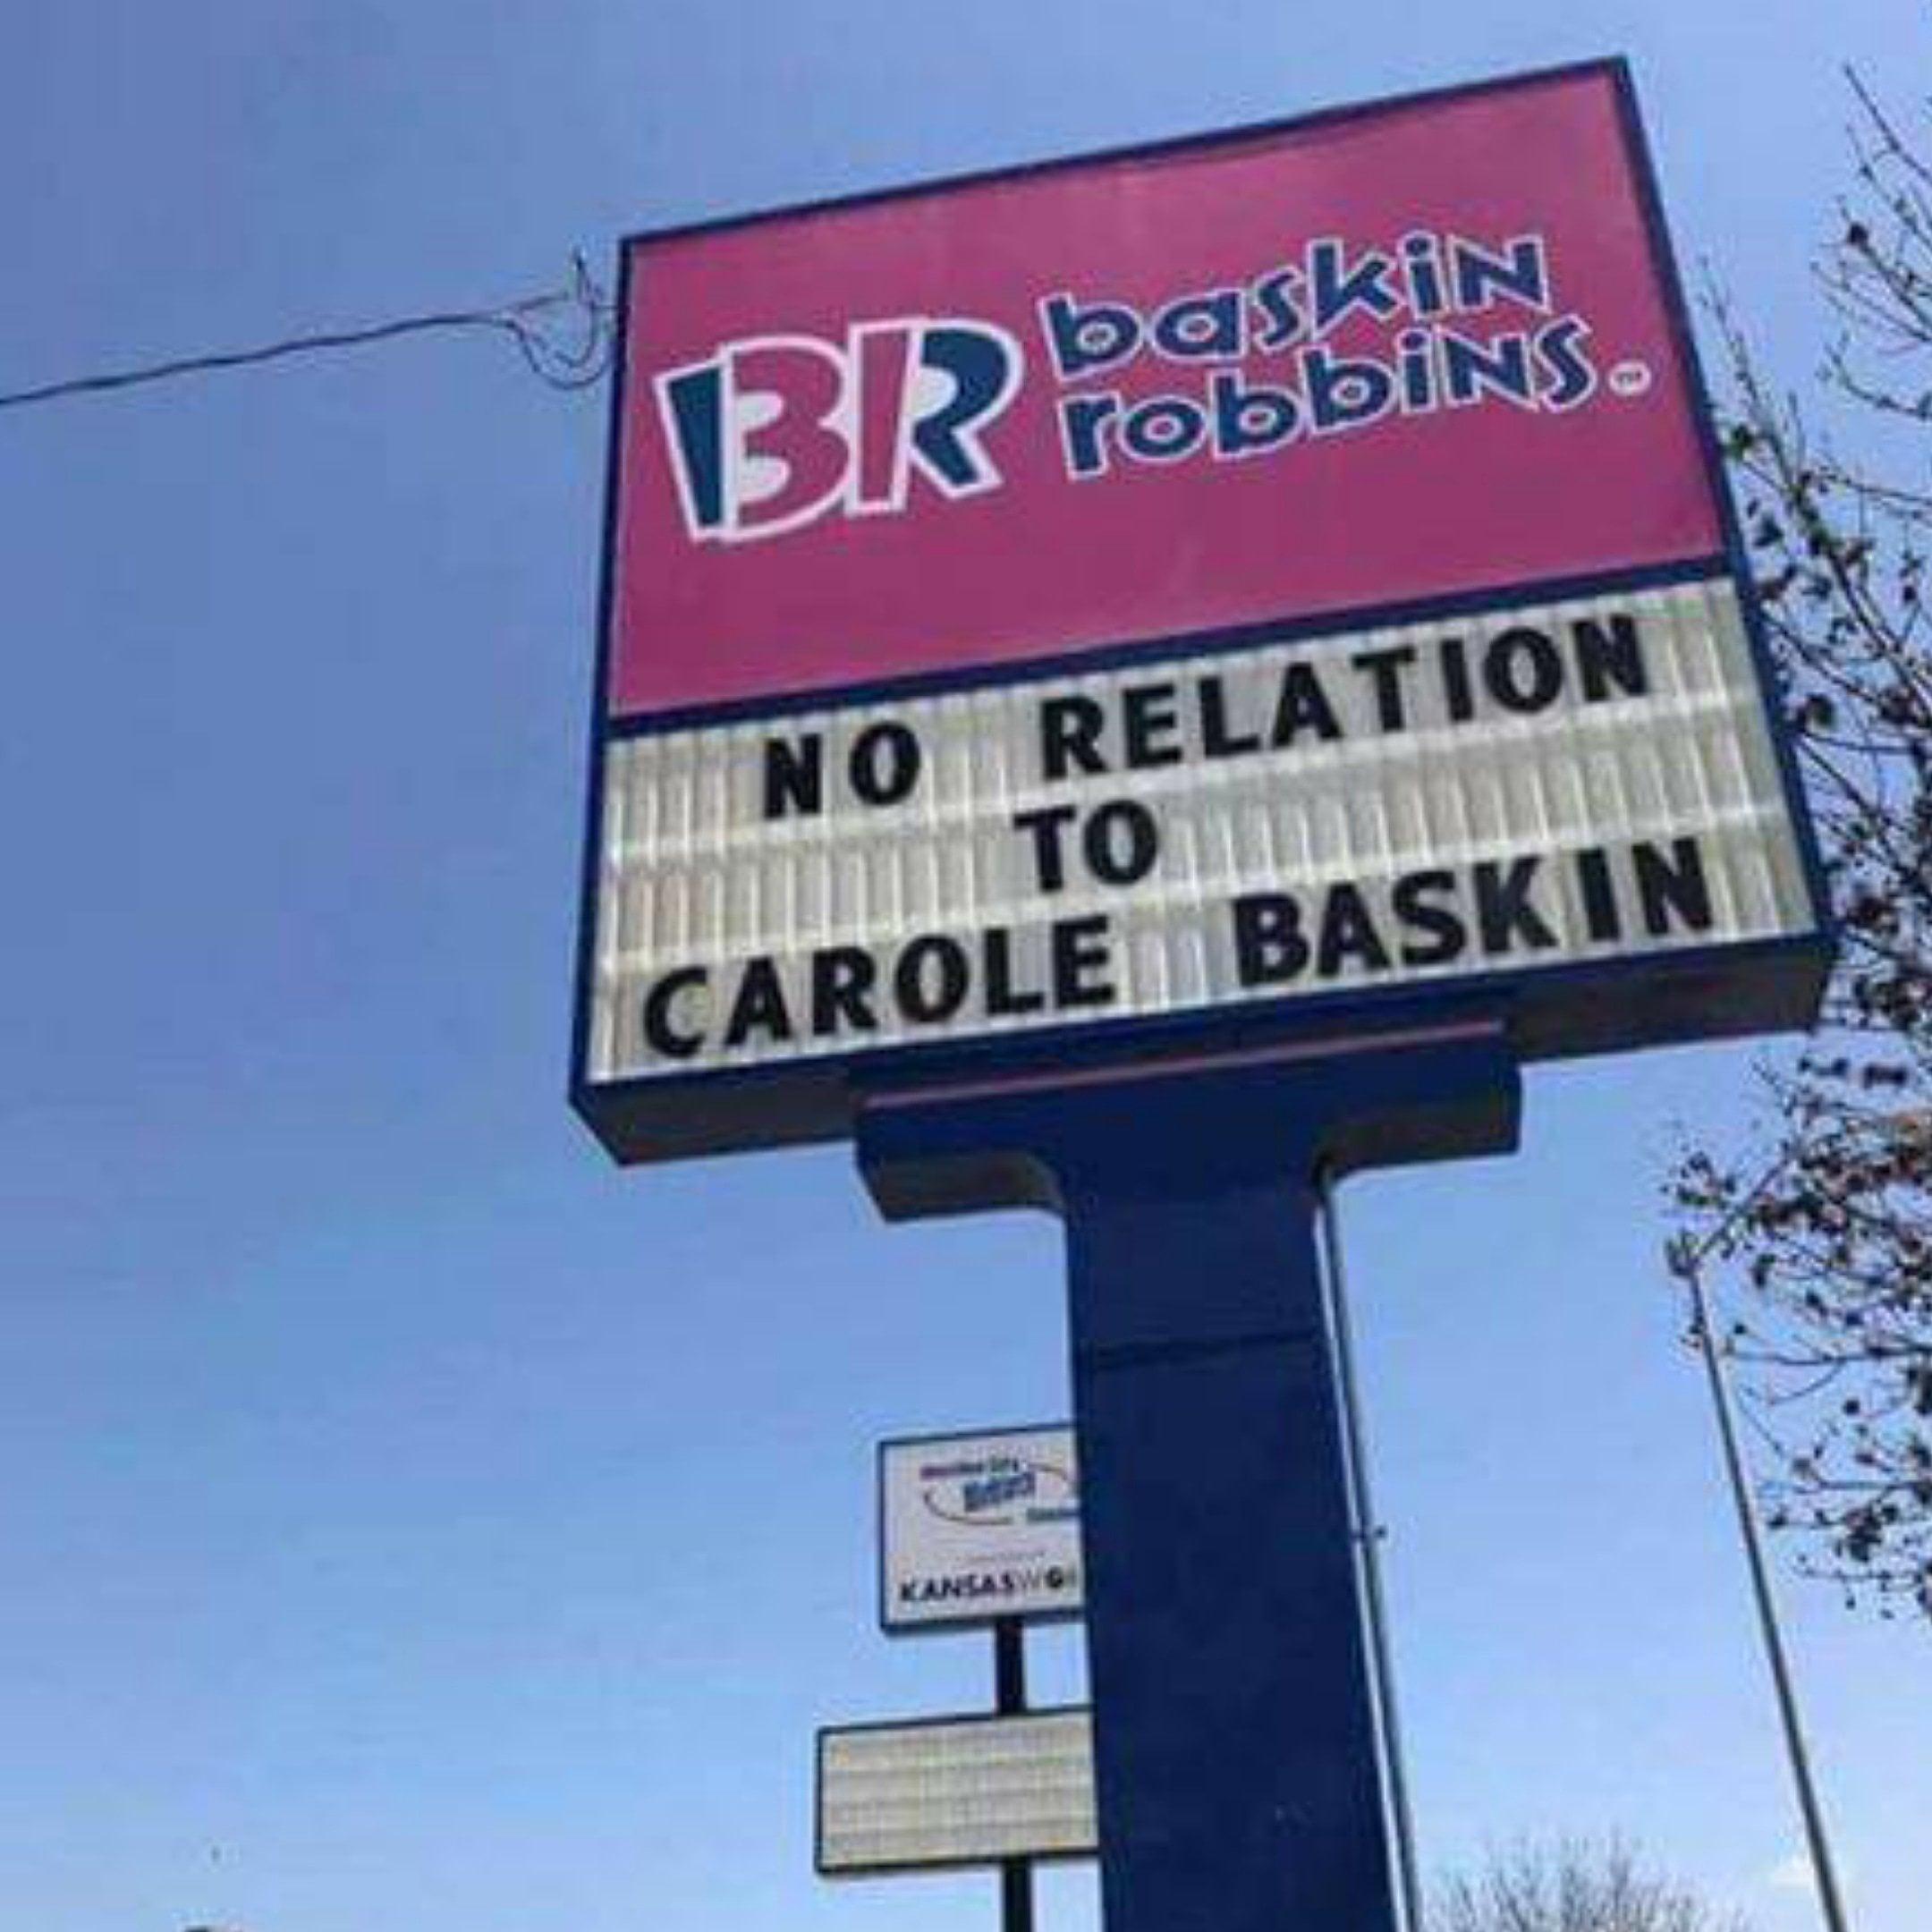 Carole Baskin Meme - Baskin Robbins